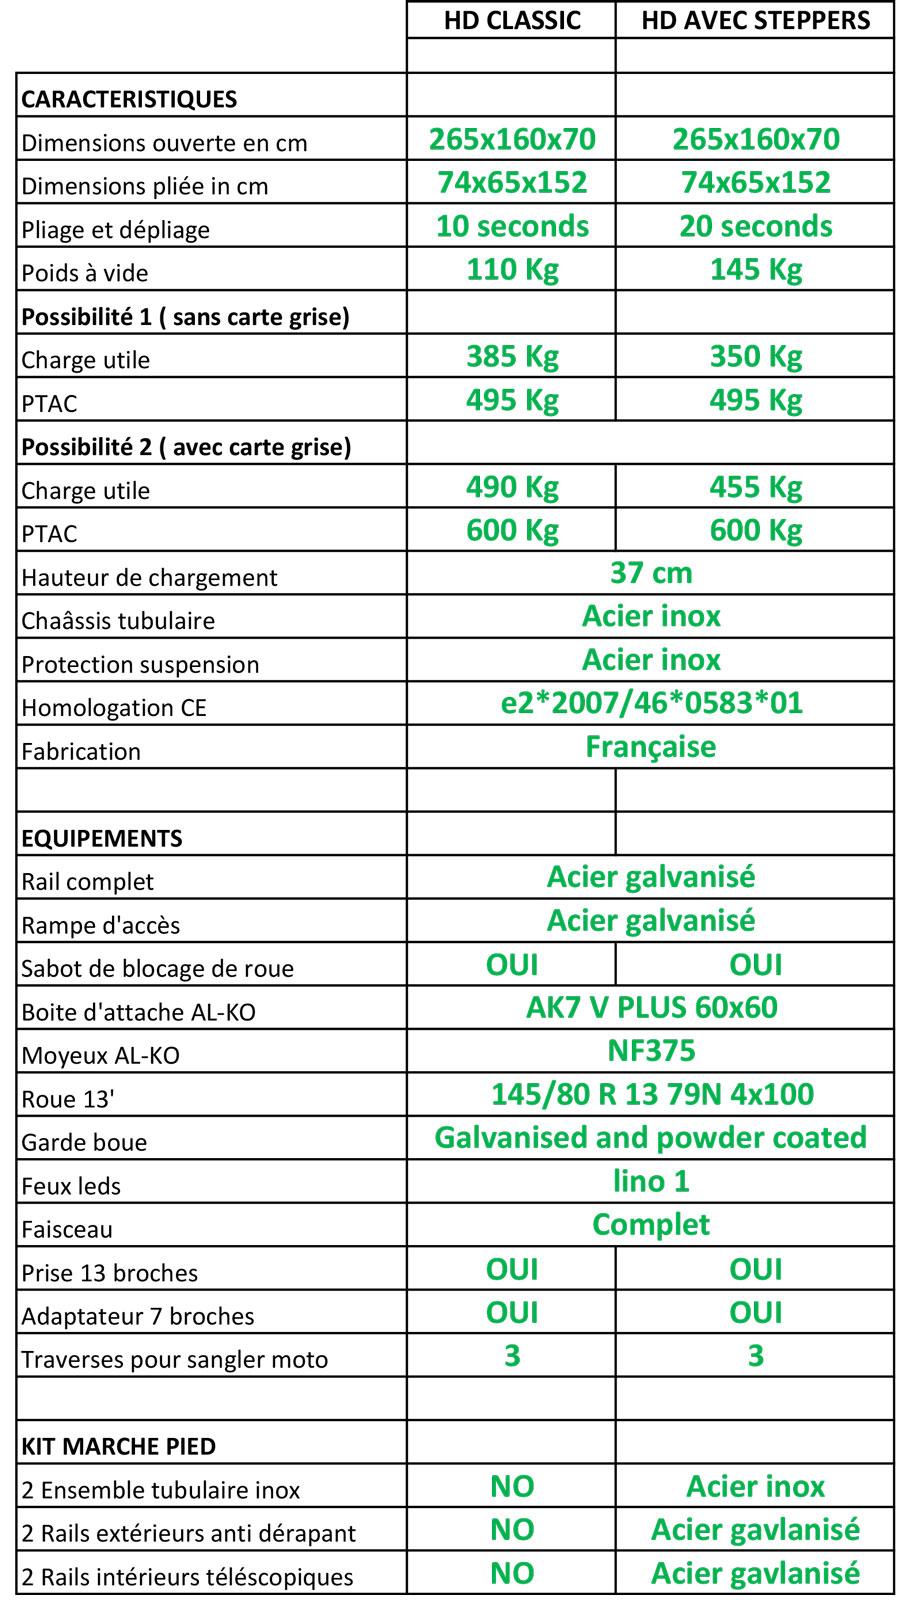 Caracteristiques-remorques-HD